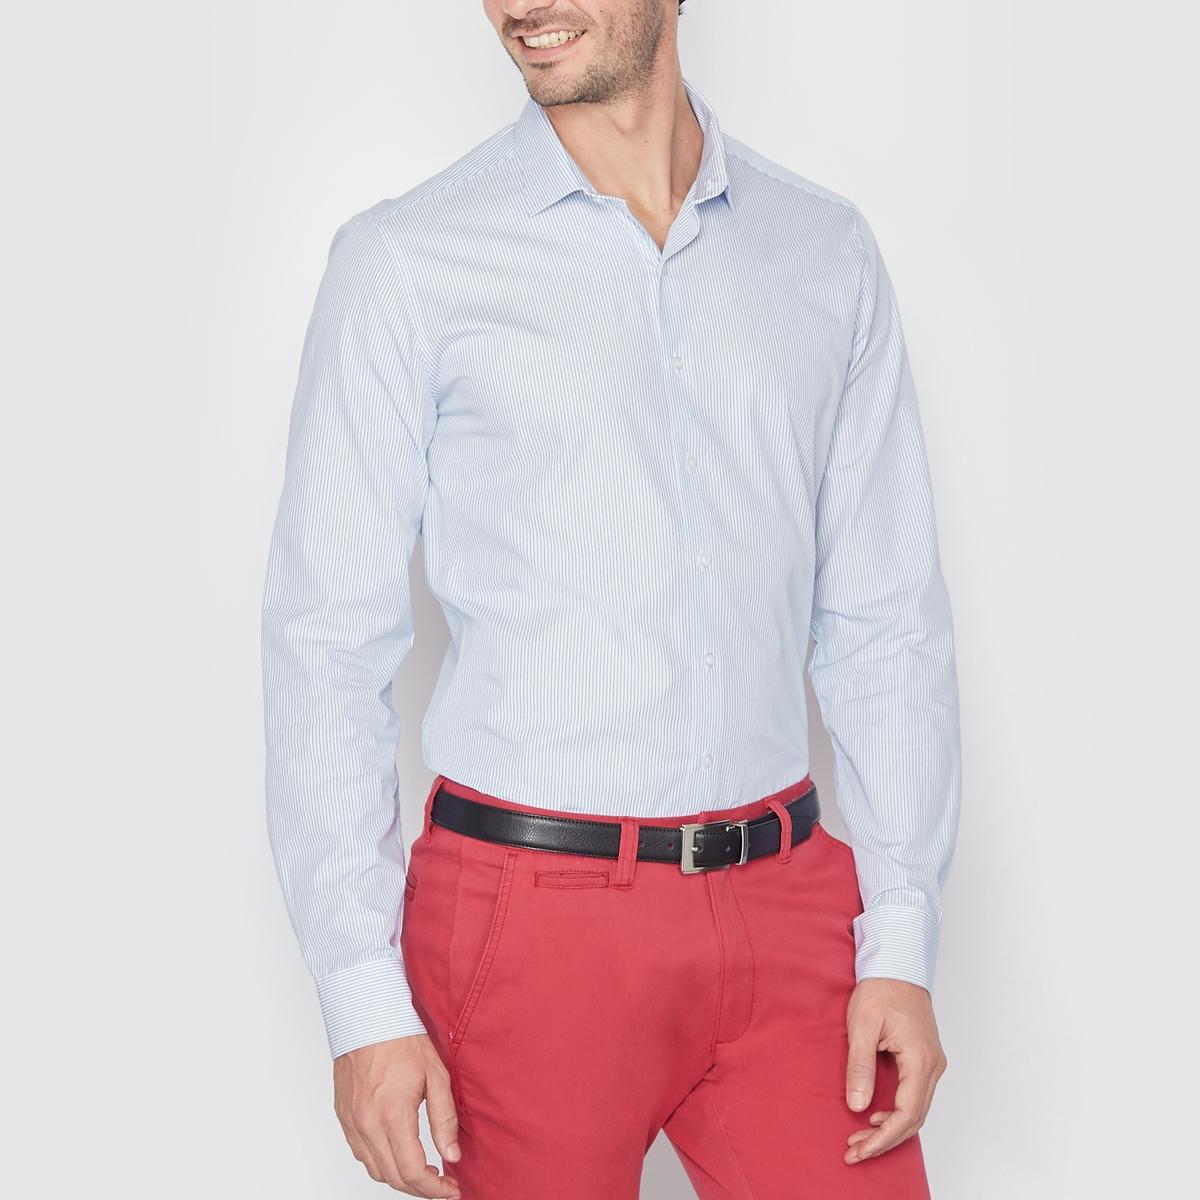 Рубашка в полоску из поплина, узкого покроя. Длинные рукаваРубашка из поплина, 100% хлопка . Узкий покрой (облегающий) . Длинные рукава . Свободные уголки воротника  . Длина 77 см .<br><br>Цвет: в полоску/розовый,синяя полоска<br>Размер: 47/48.47/48